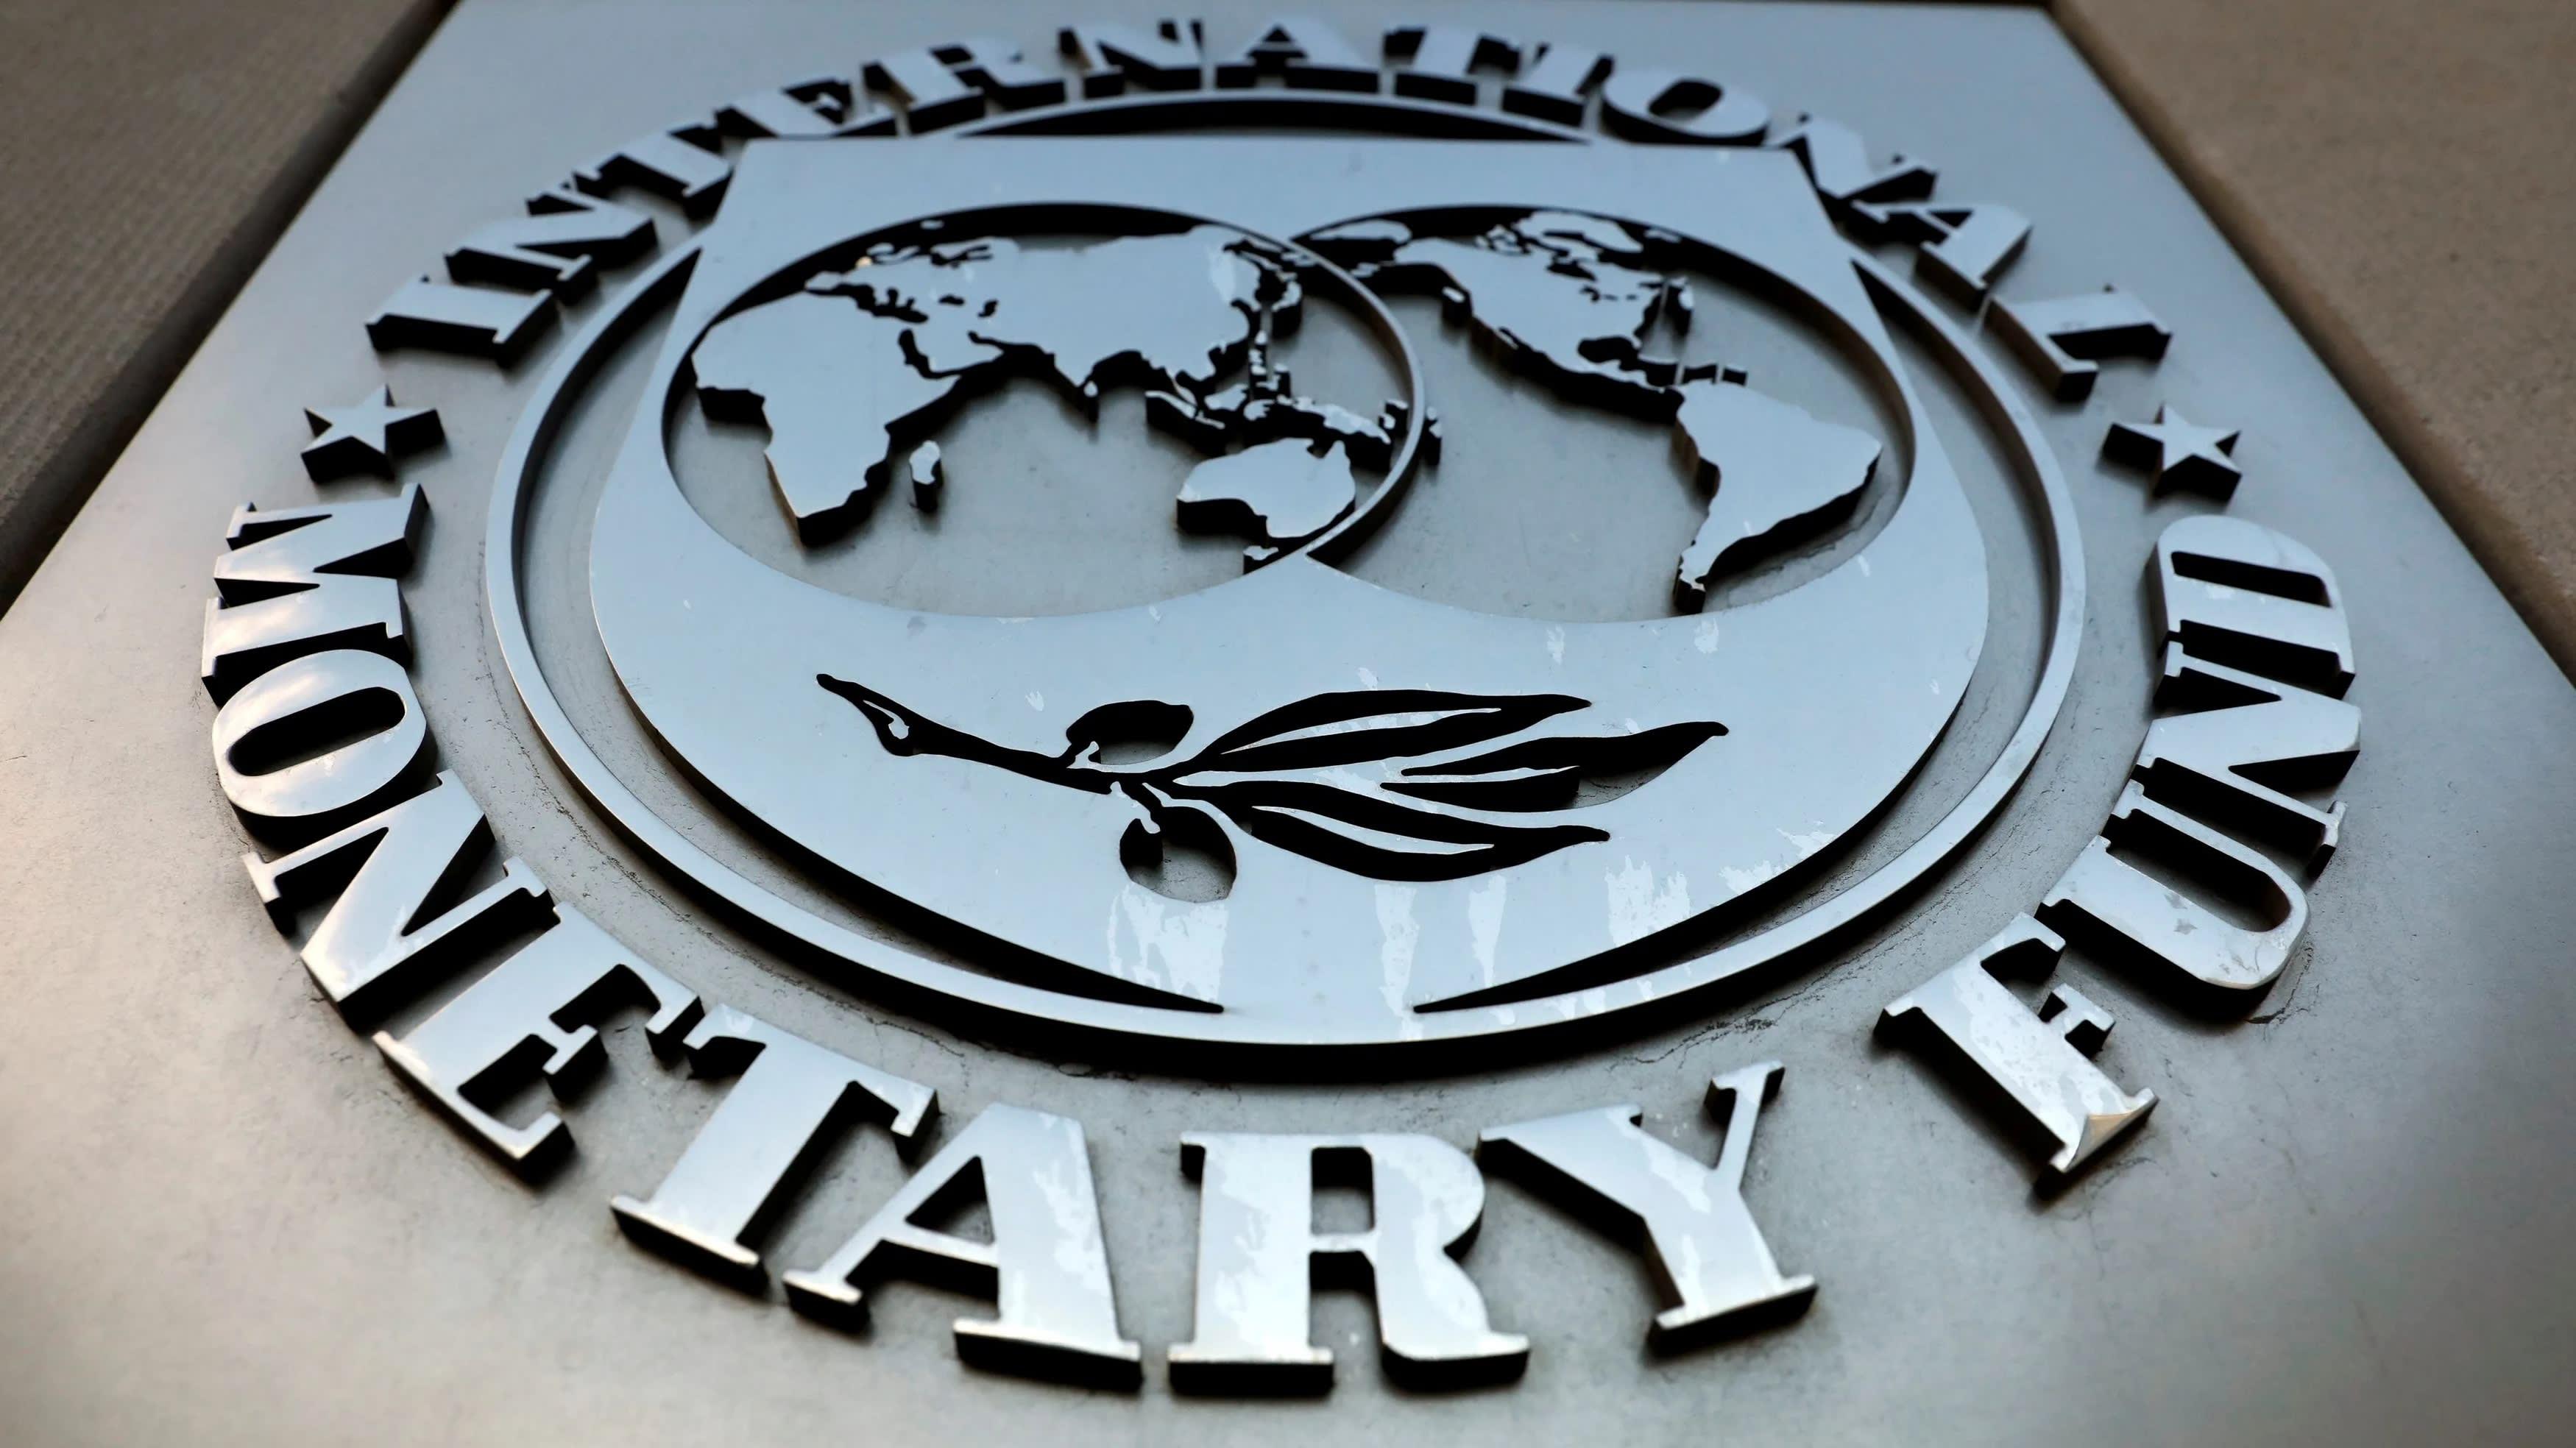 giá bitcoin: IMF bàn luận về vai trò tiềm năng của CBDC trong năm 2020